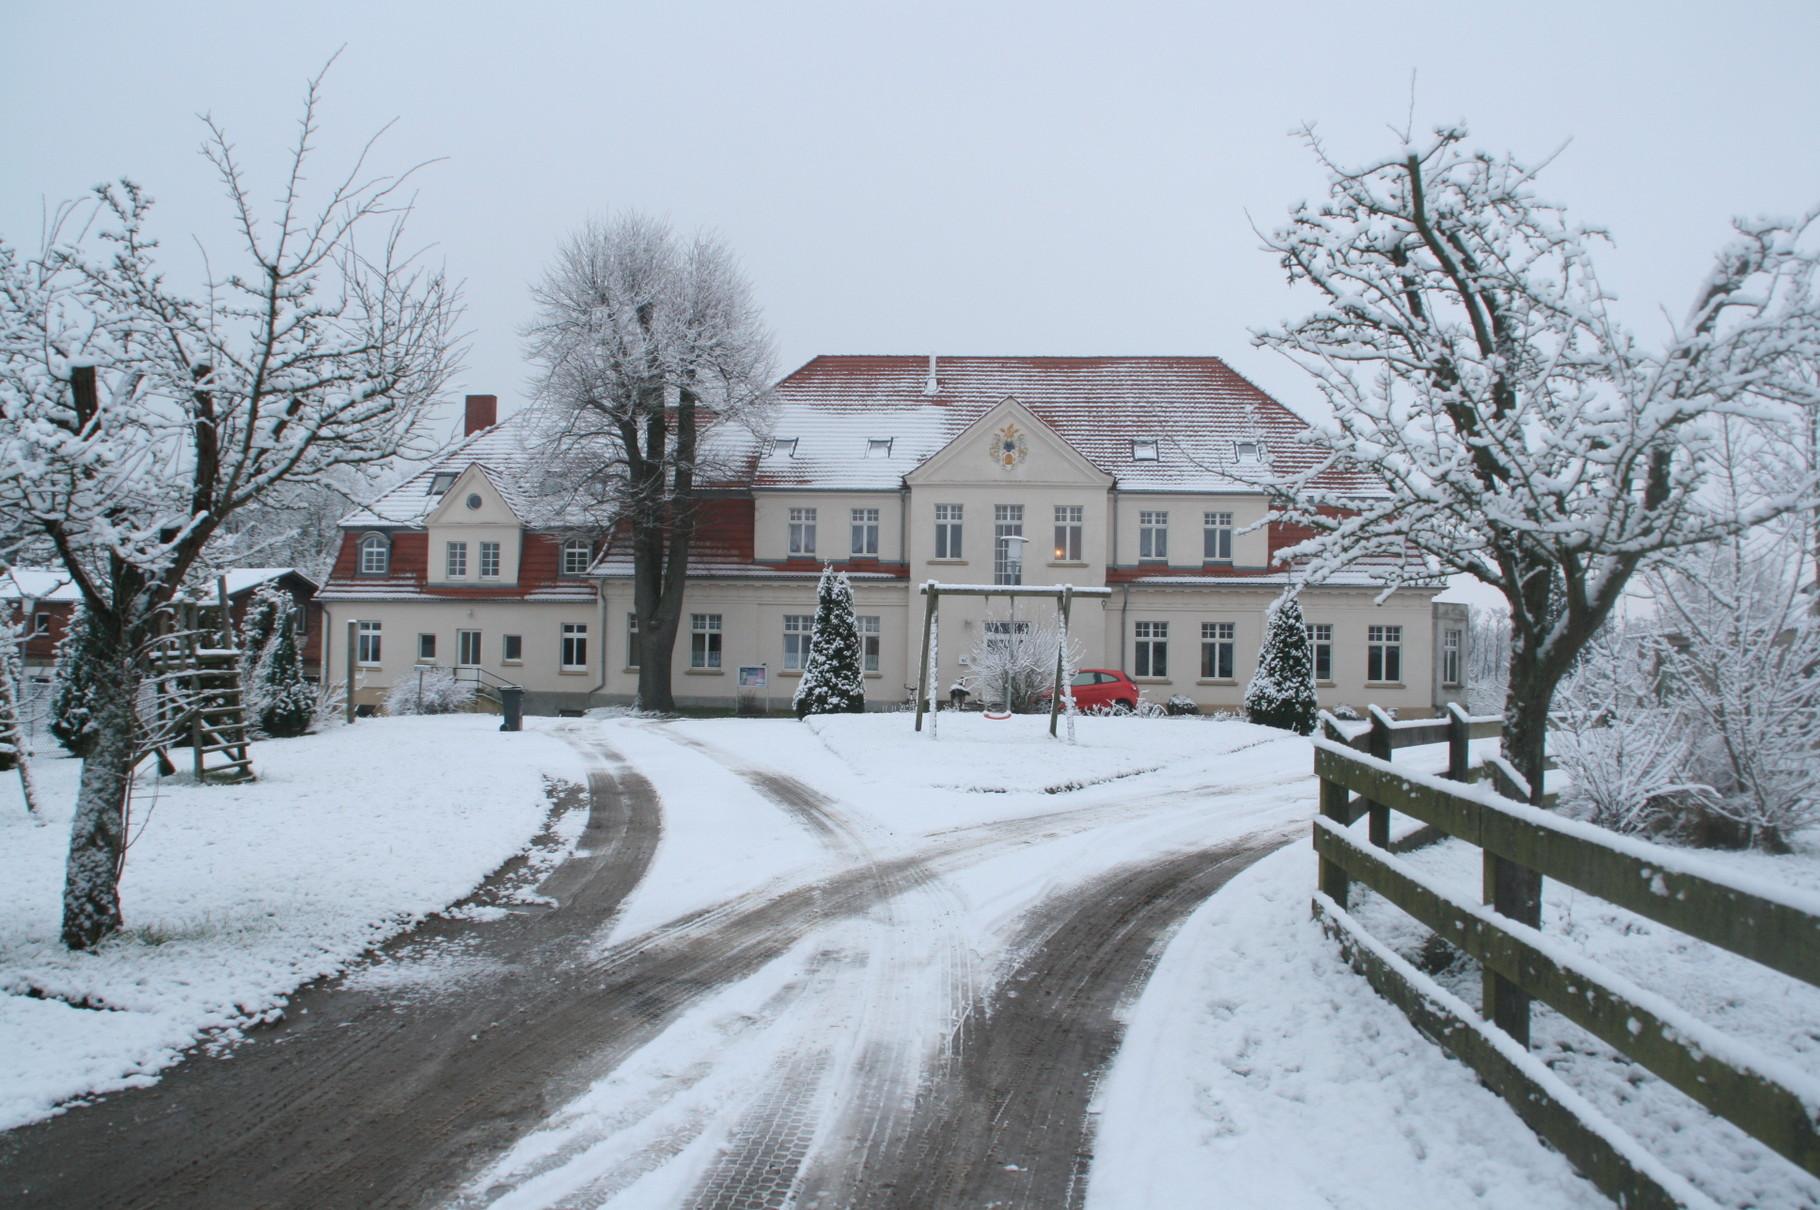 Das Gutshaus von Ave bei Penzlin